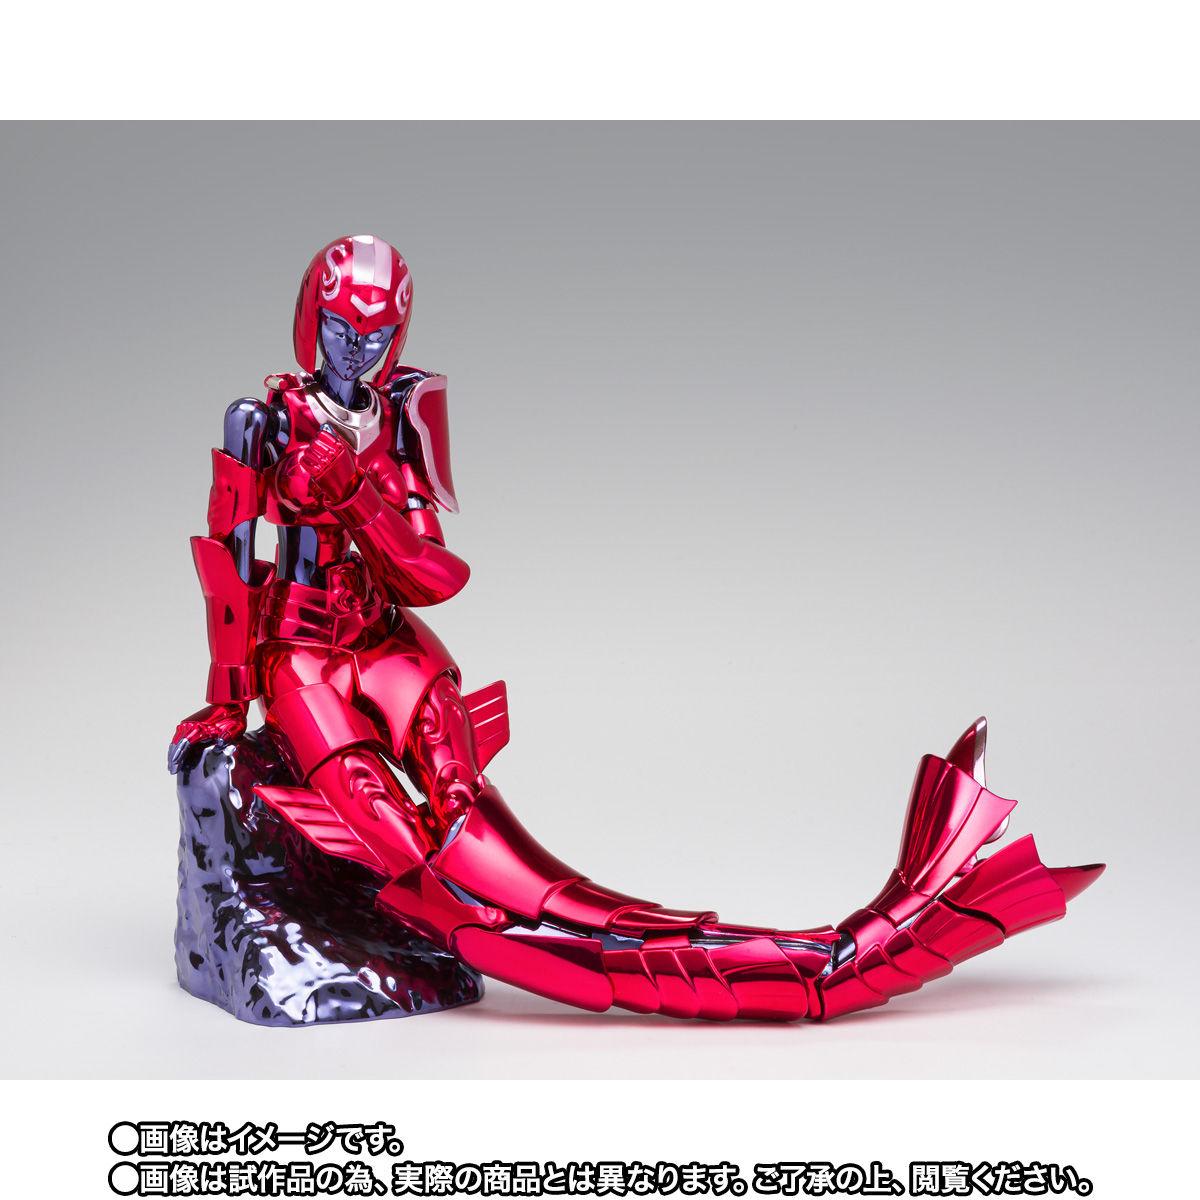 【限定販売】聖闘士聖衣神話『マーメイドテティス〈リバイバル版〉』聖闘士星矢 可動フィギュア-005